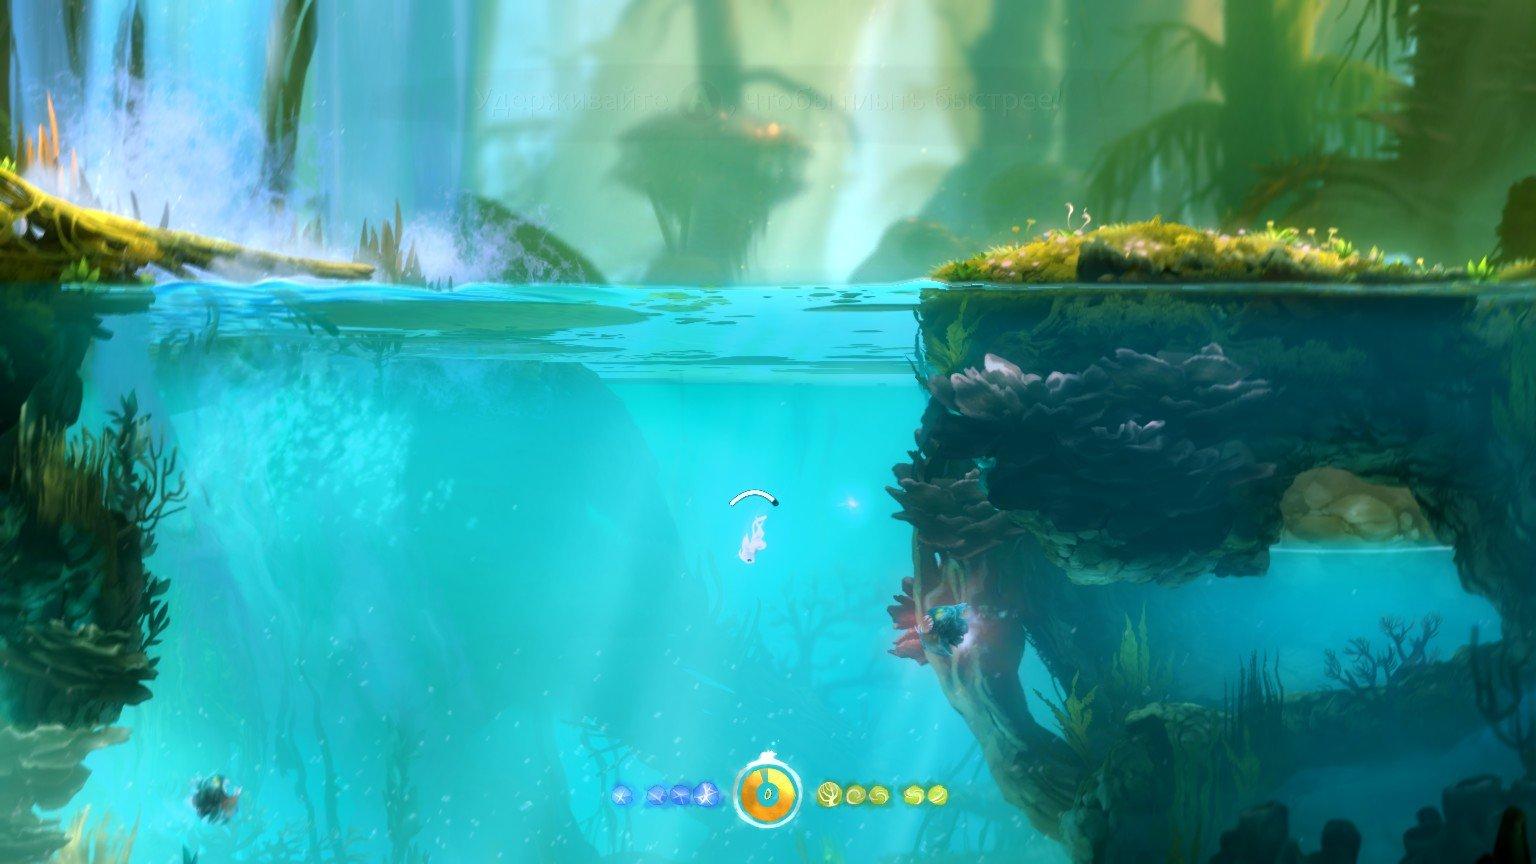 Вопль-прохождение Ori and the Blind Forest ... и тут получилось дофига скриншотов... - Изображение 7